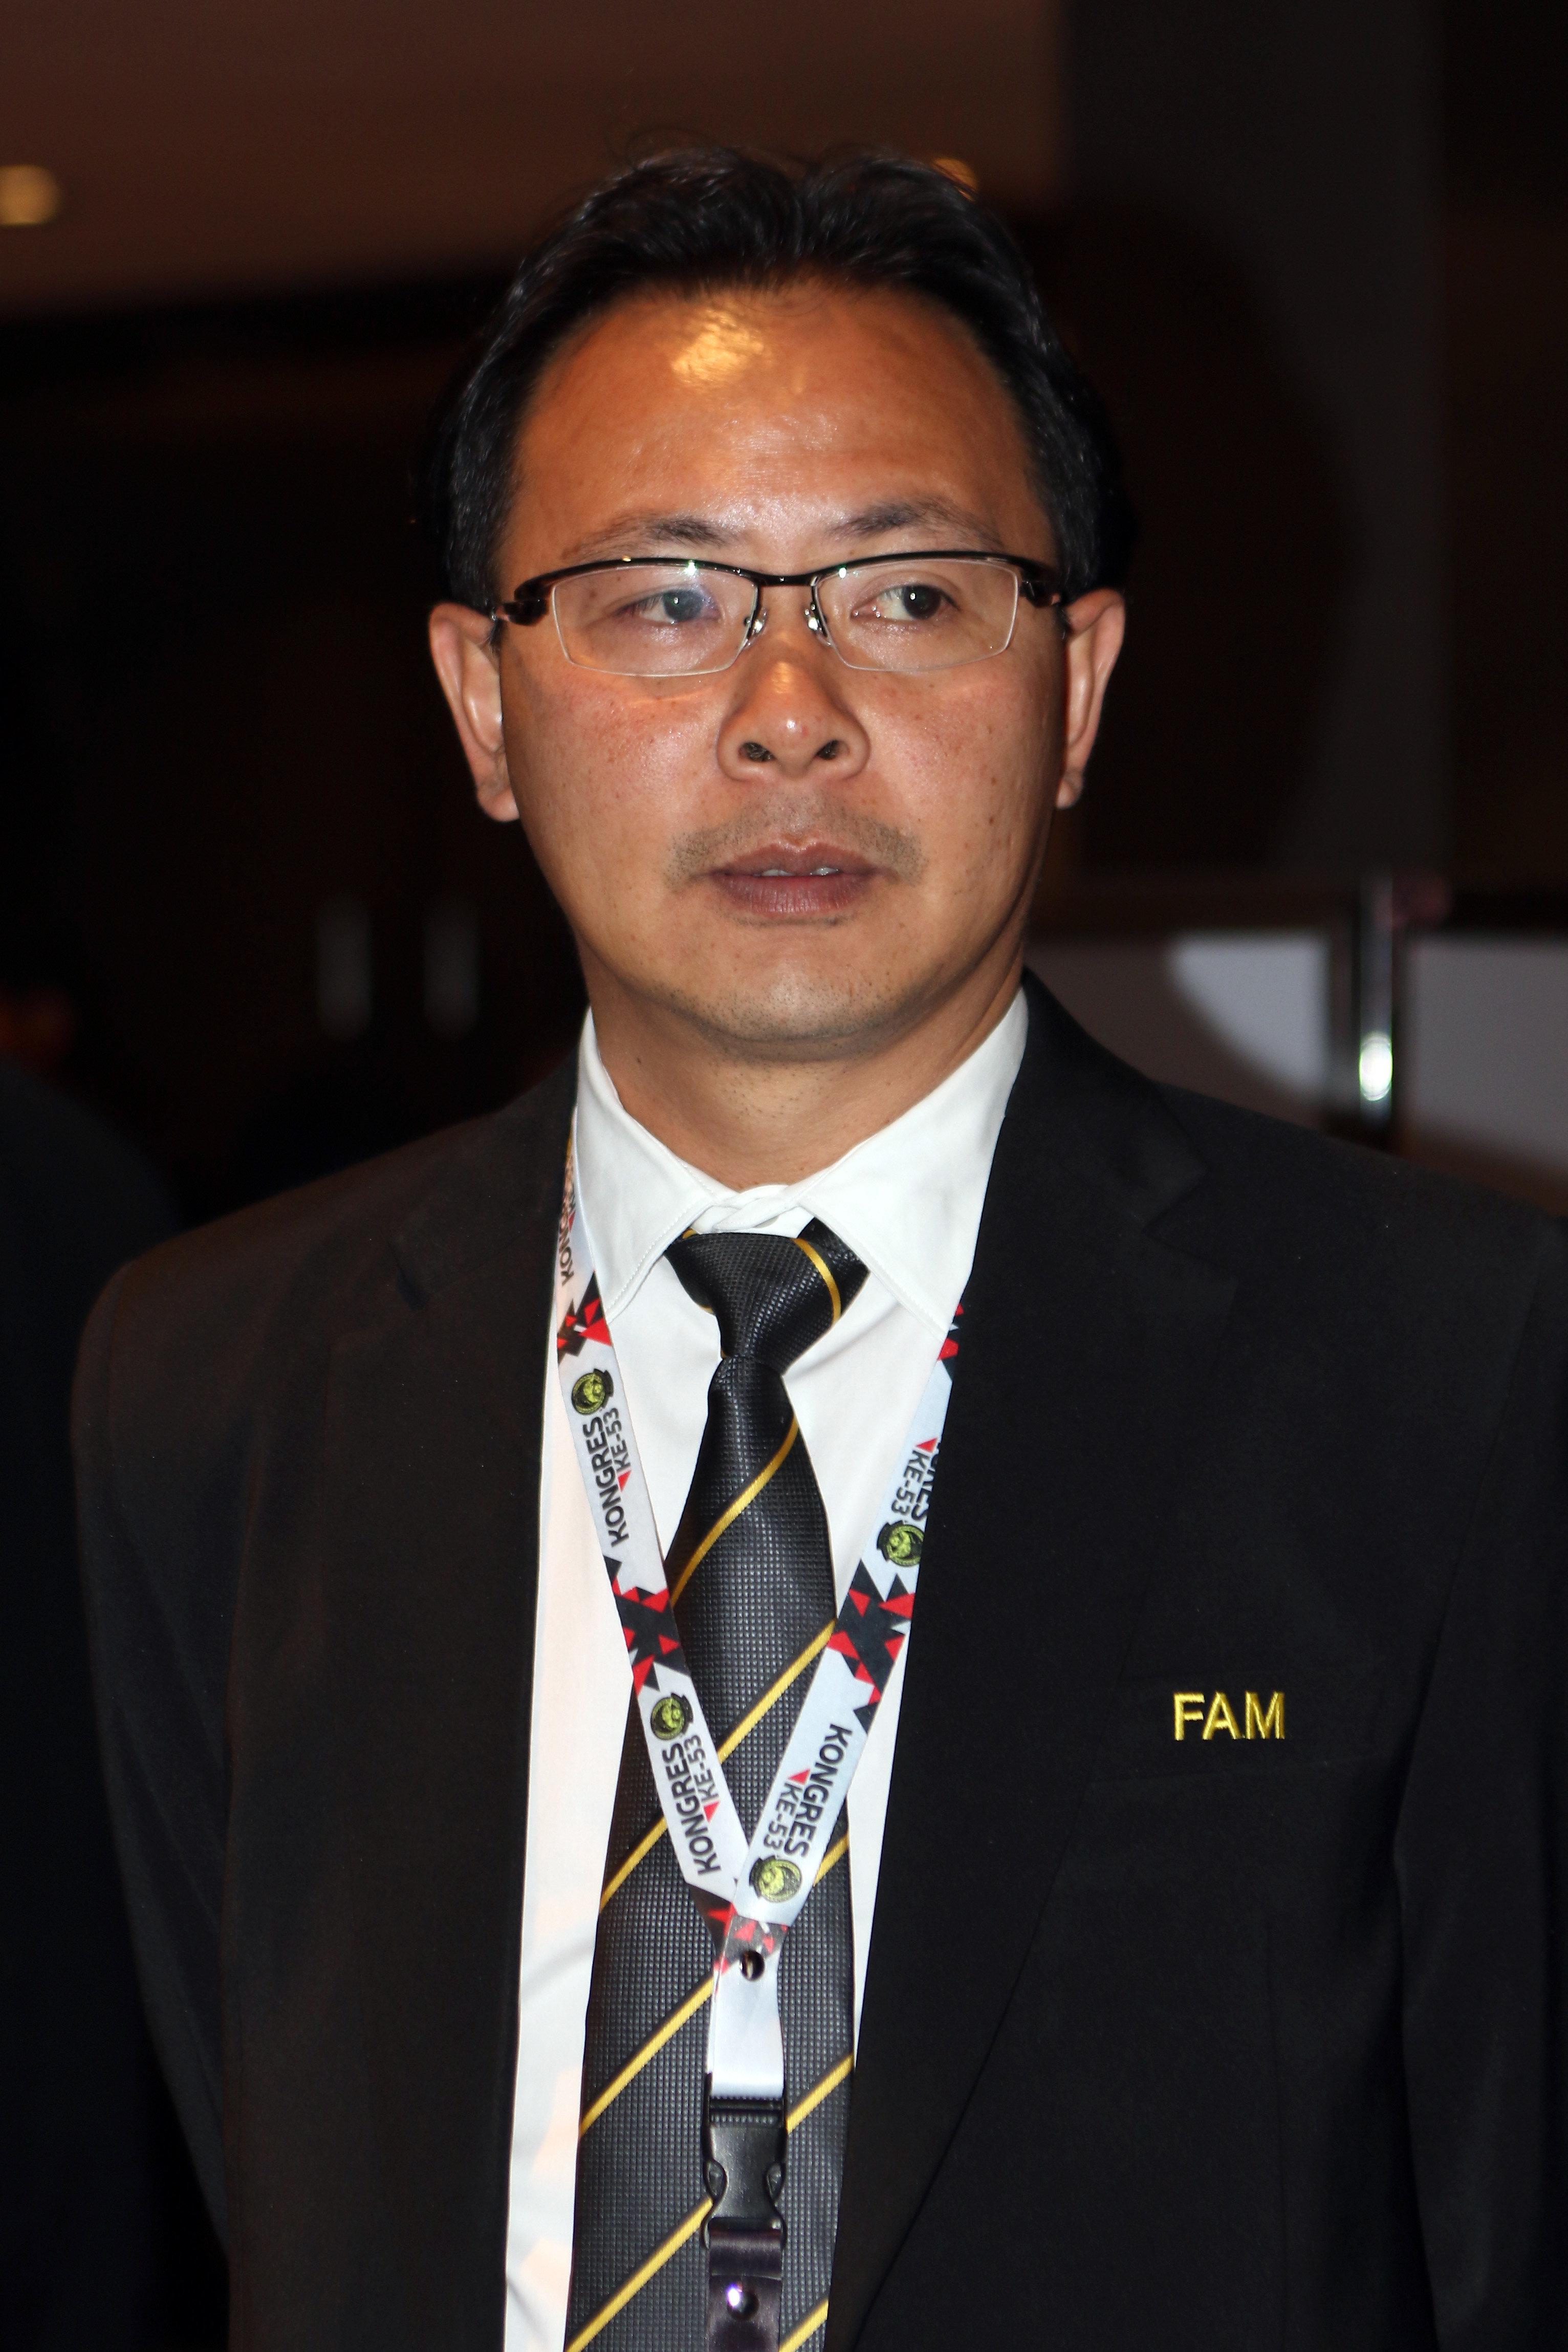 한국전 앞두고 말레이시아 감독이 한국 대표팀에 대해 한